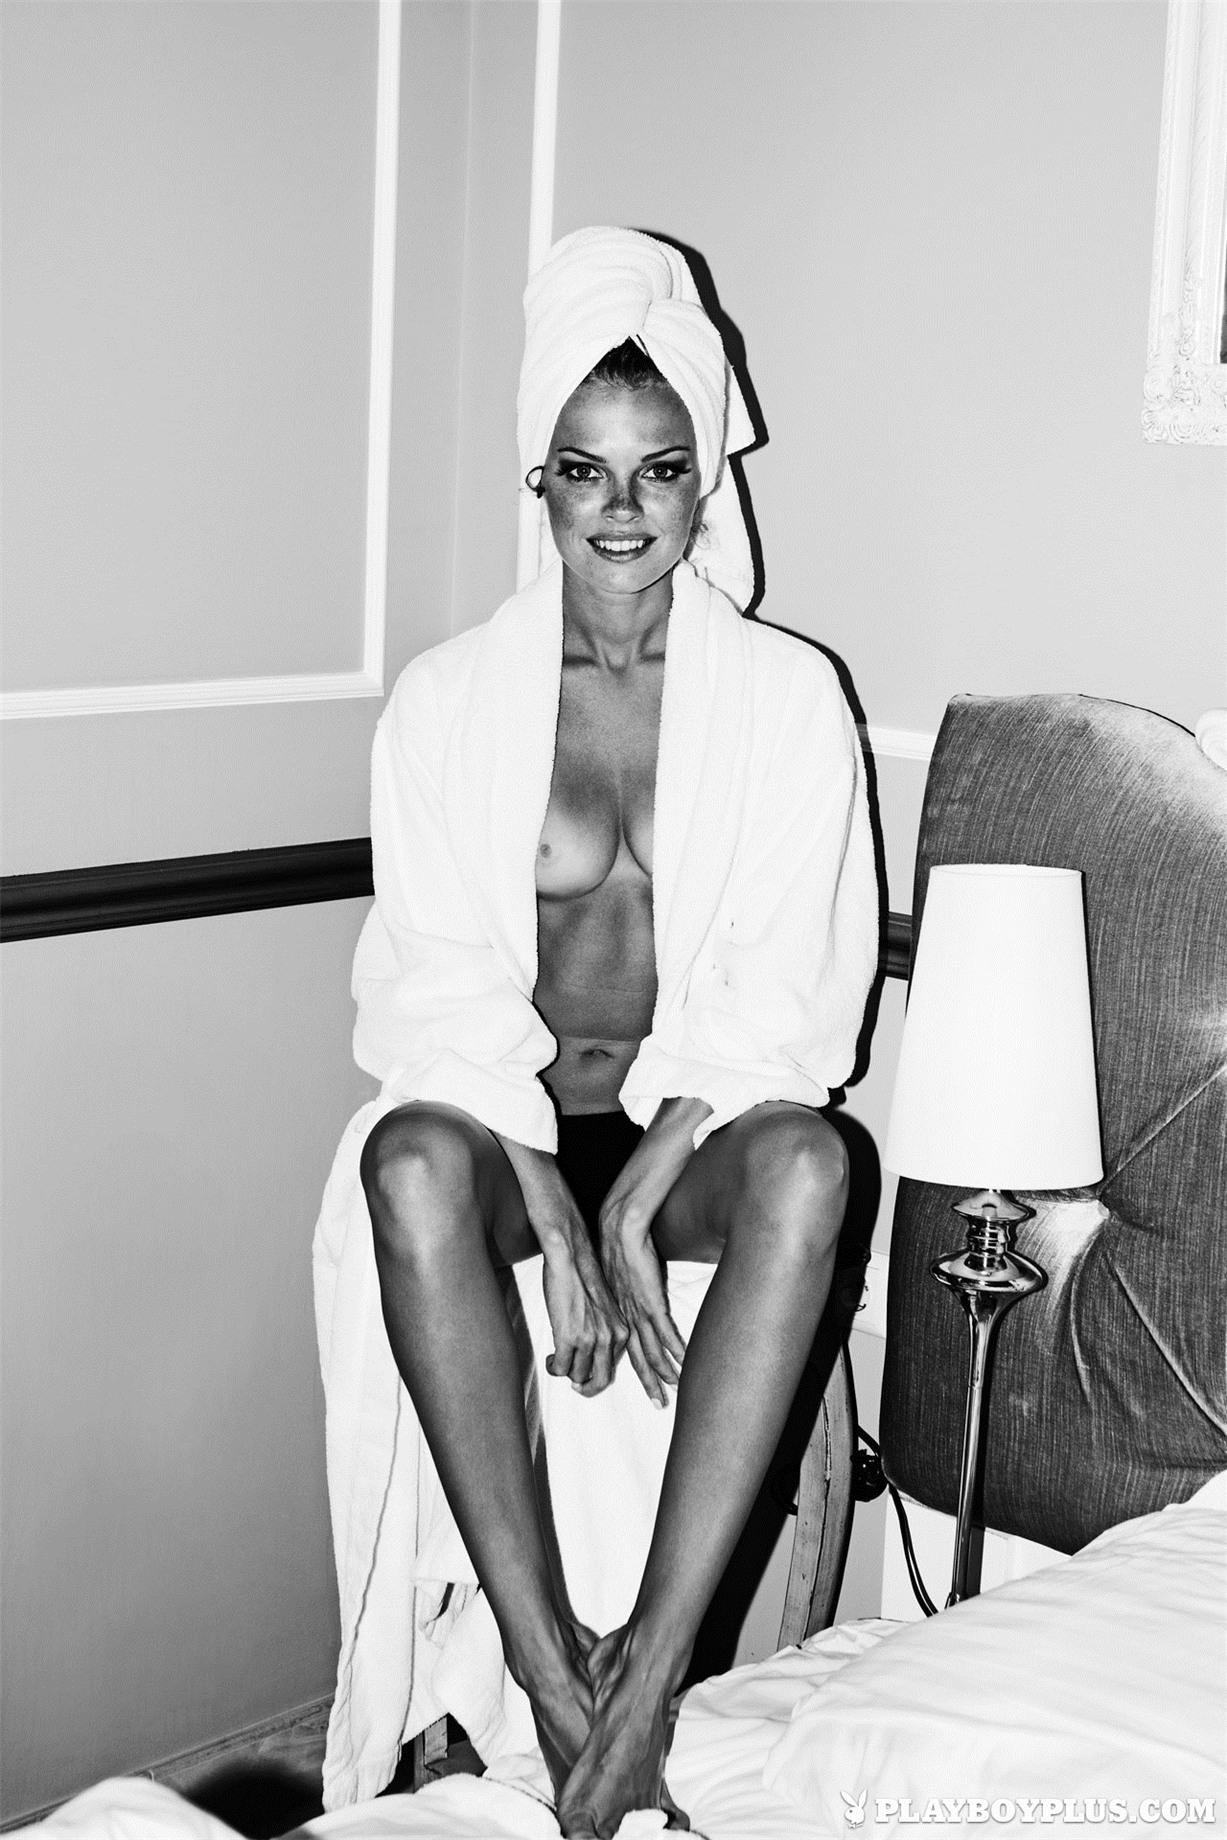 Девушки месяца Валерия Лахина и Ирина Бондаренко / Valeria Lakhina & Iryna Bondarenko in Playboy Ukraine january 2014